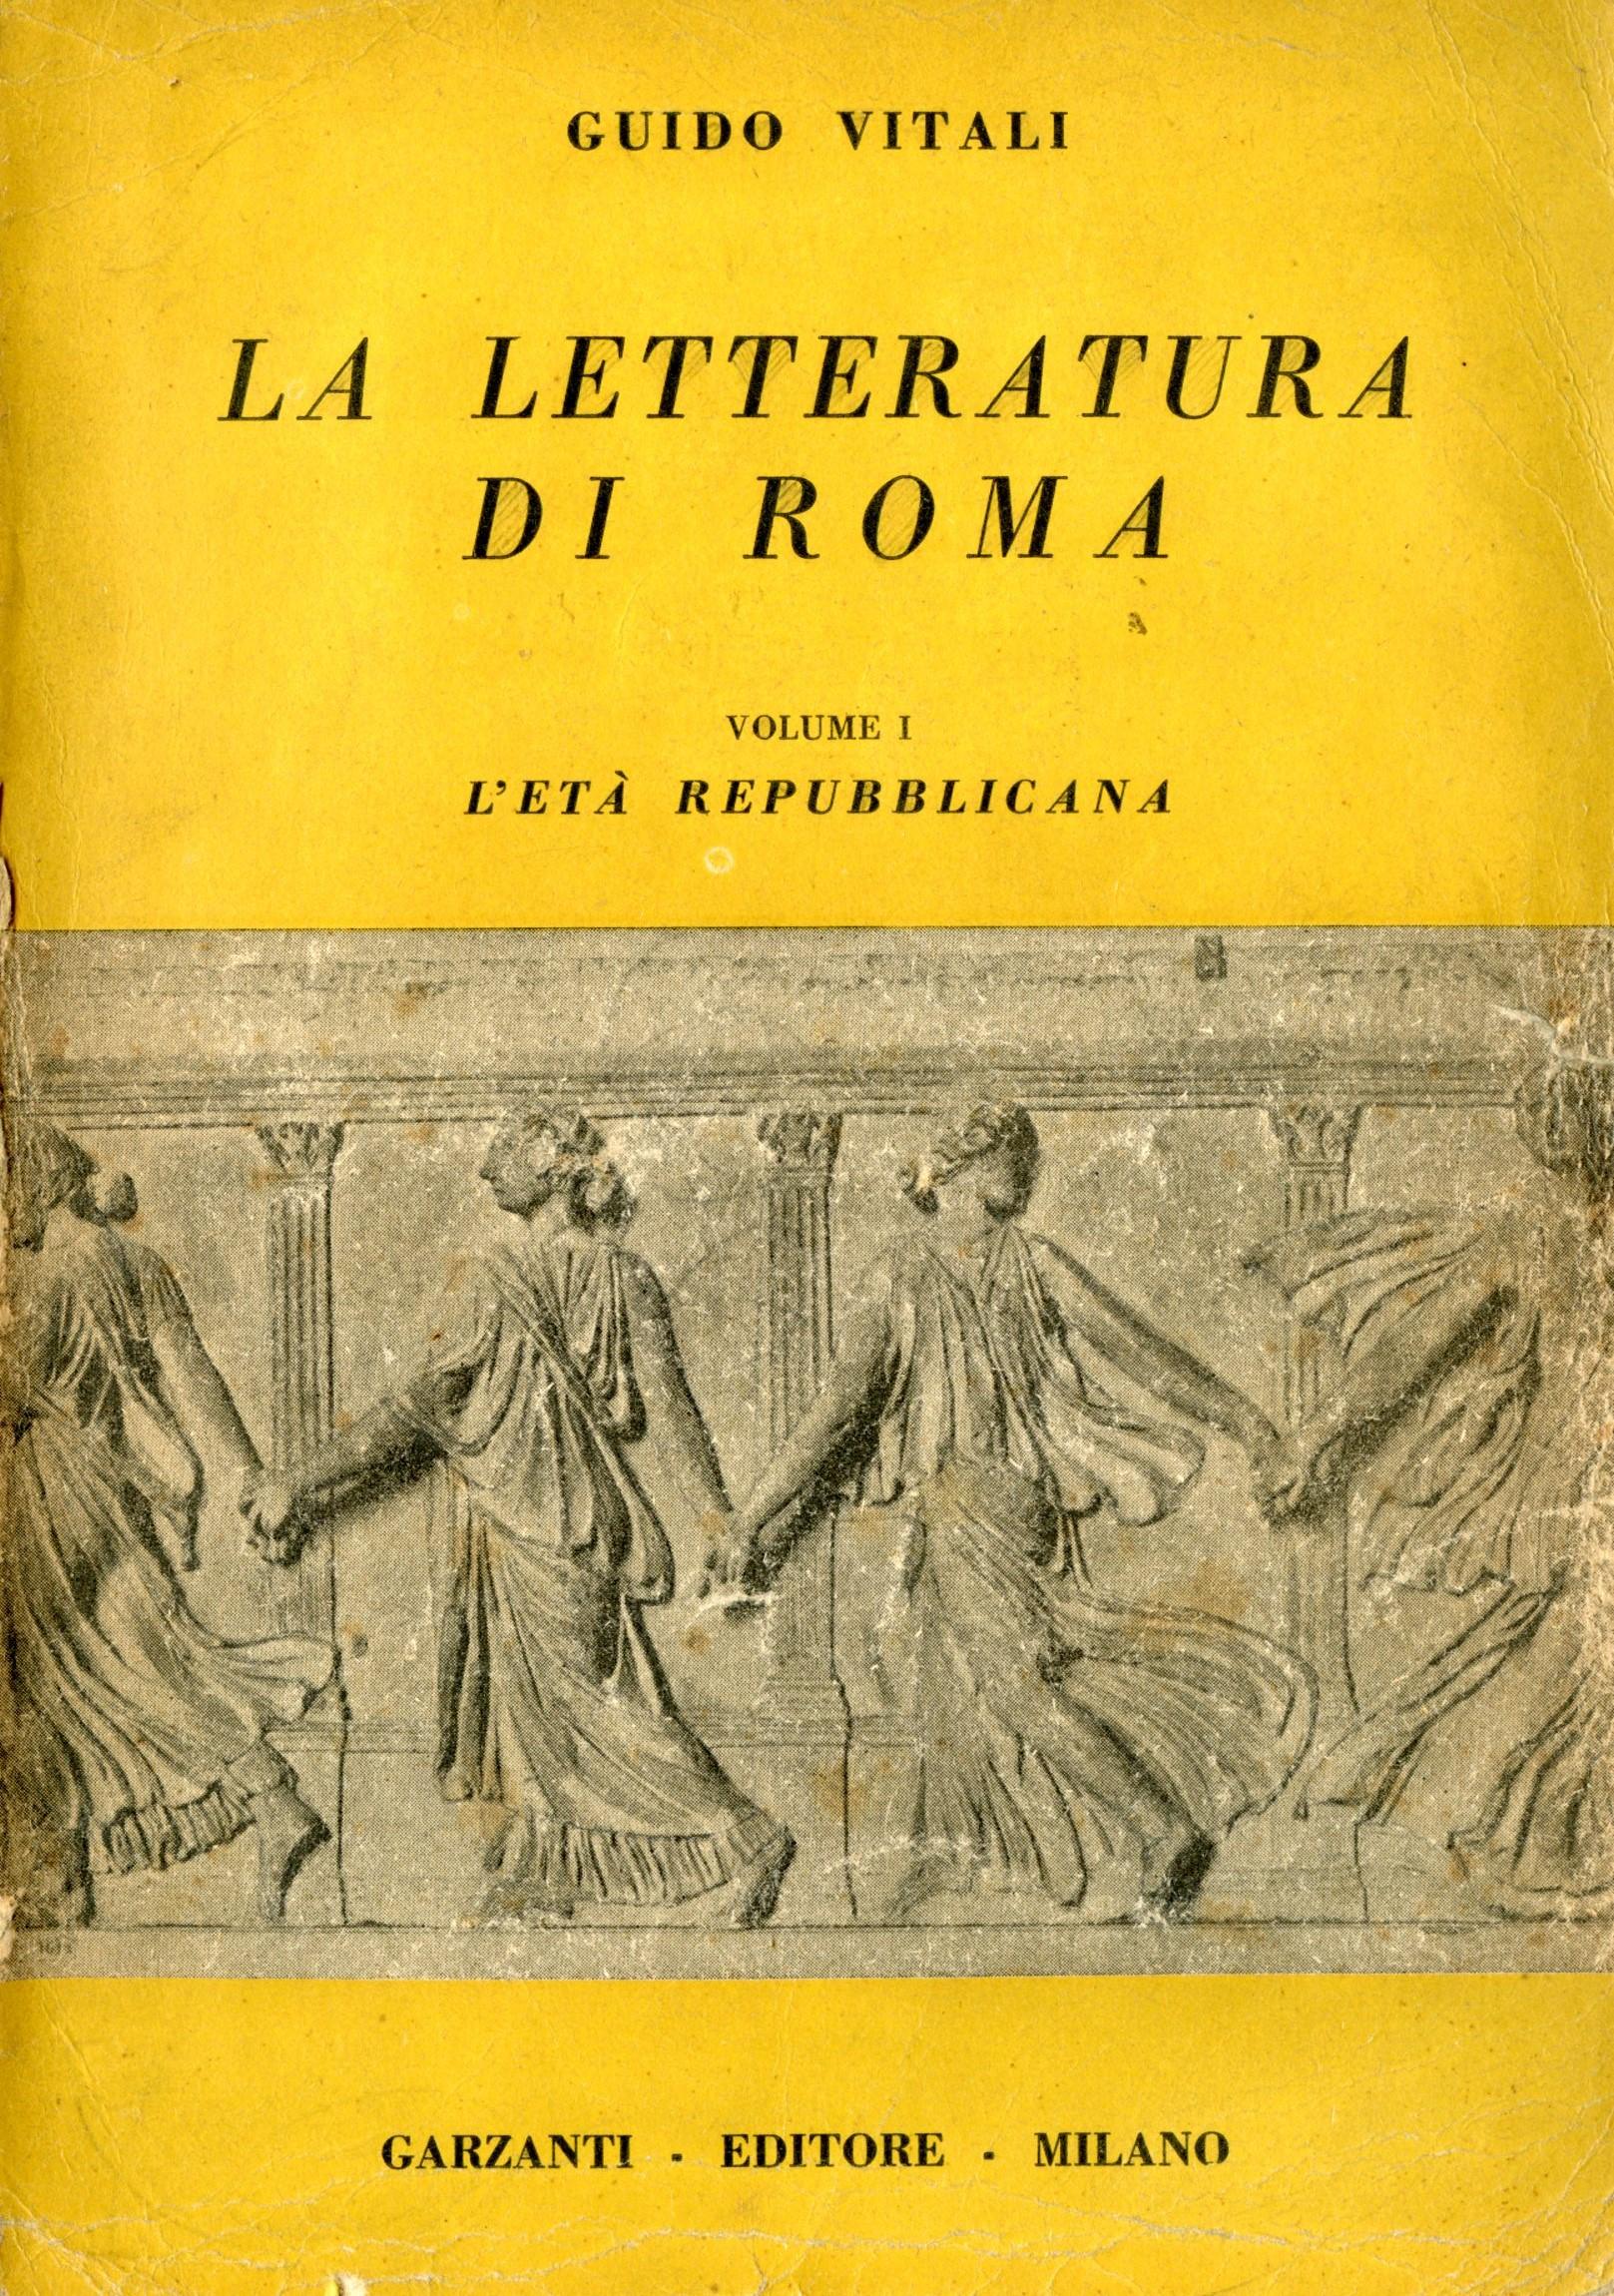 La letteratura di Roma: disegno storico e antologia con le versioni dell'autore - Vol. 1